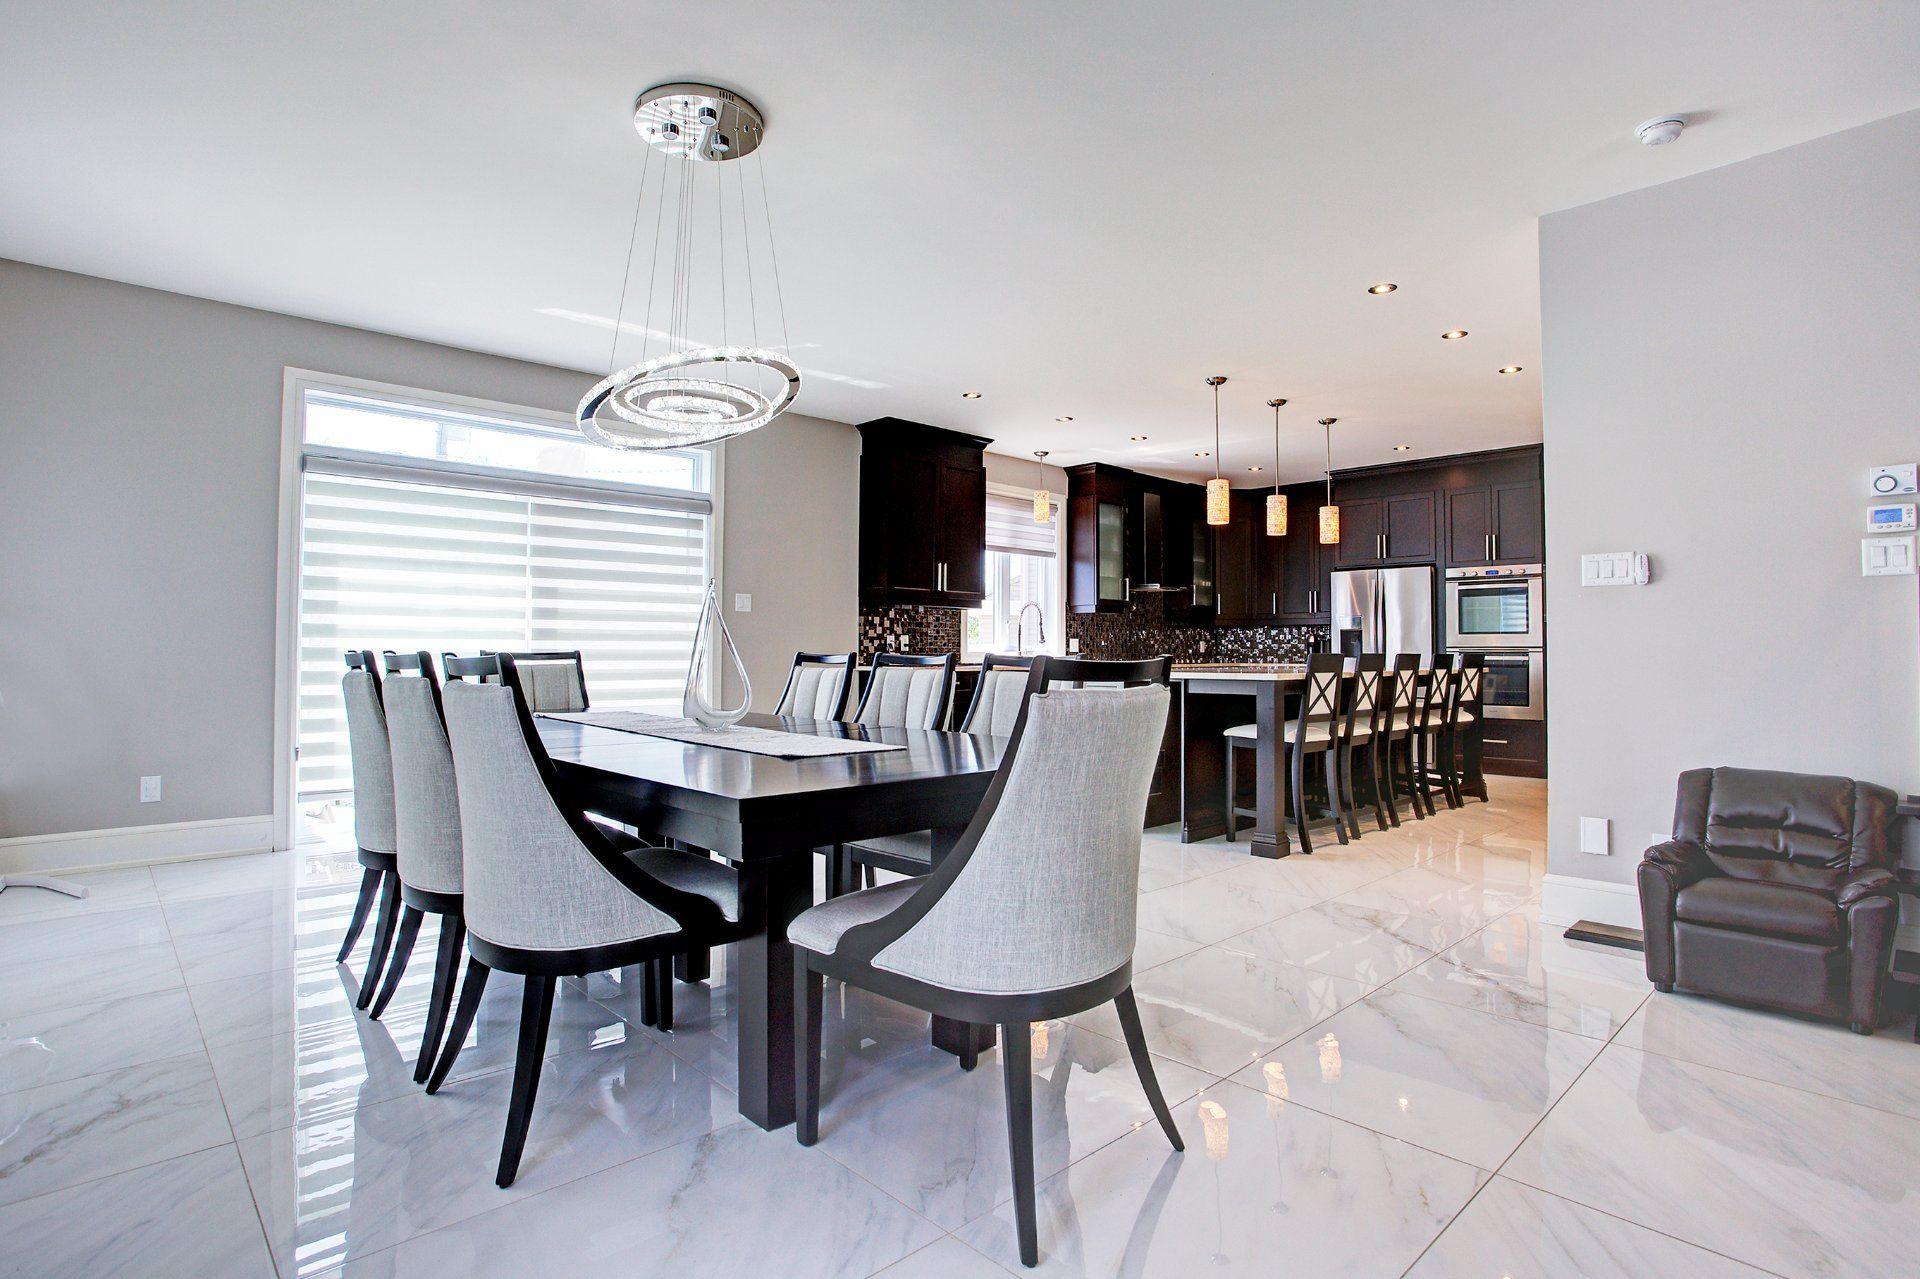 Immobilier Et Logement A Vendre Au Quebec 8259 Logements Home Home Decor Room